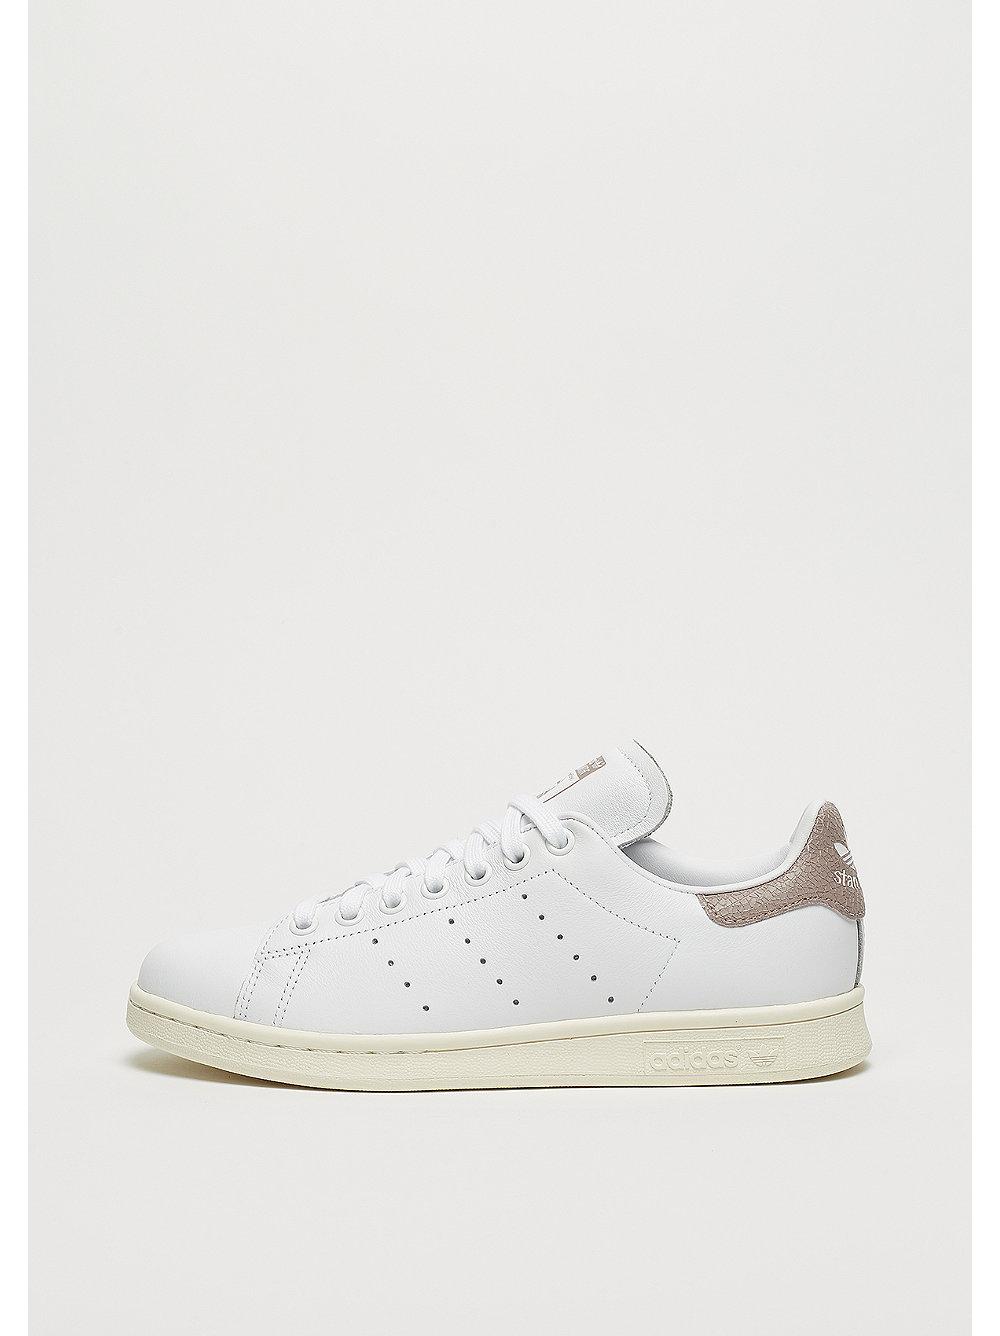 adidas Stan Smith W Cracked Leather white-white-vapour grey